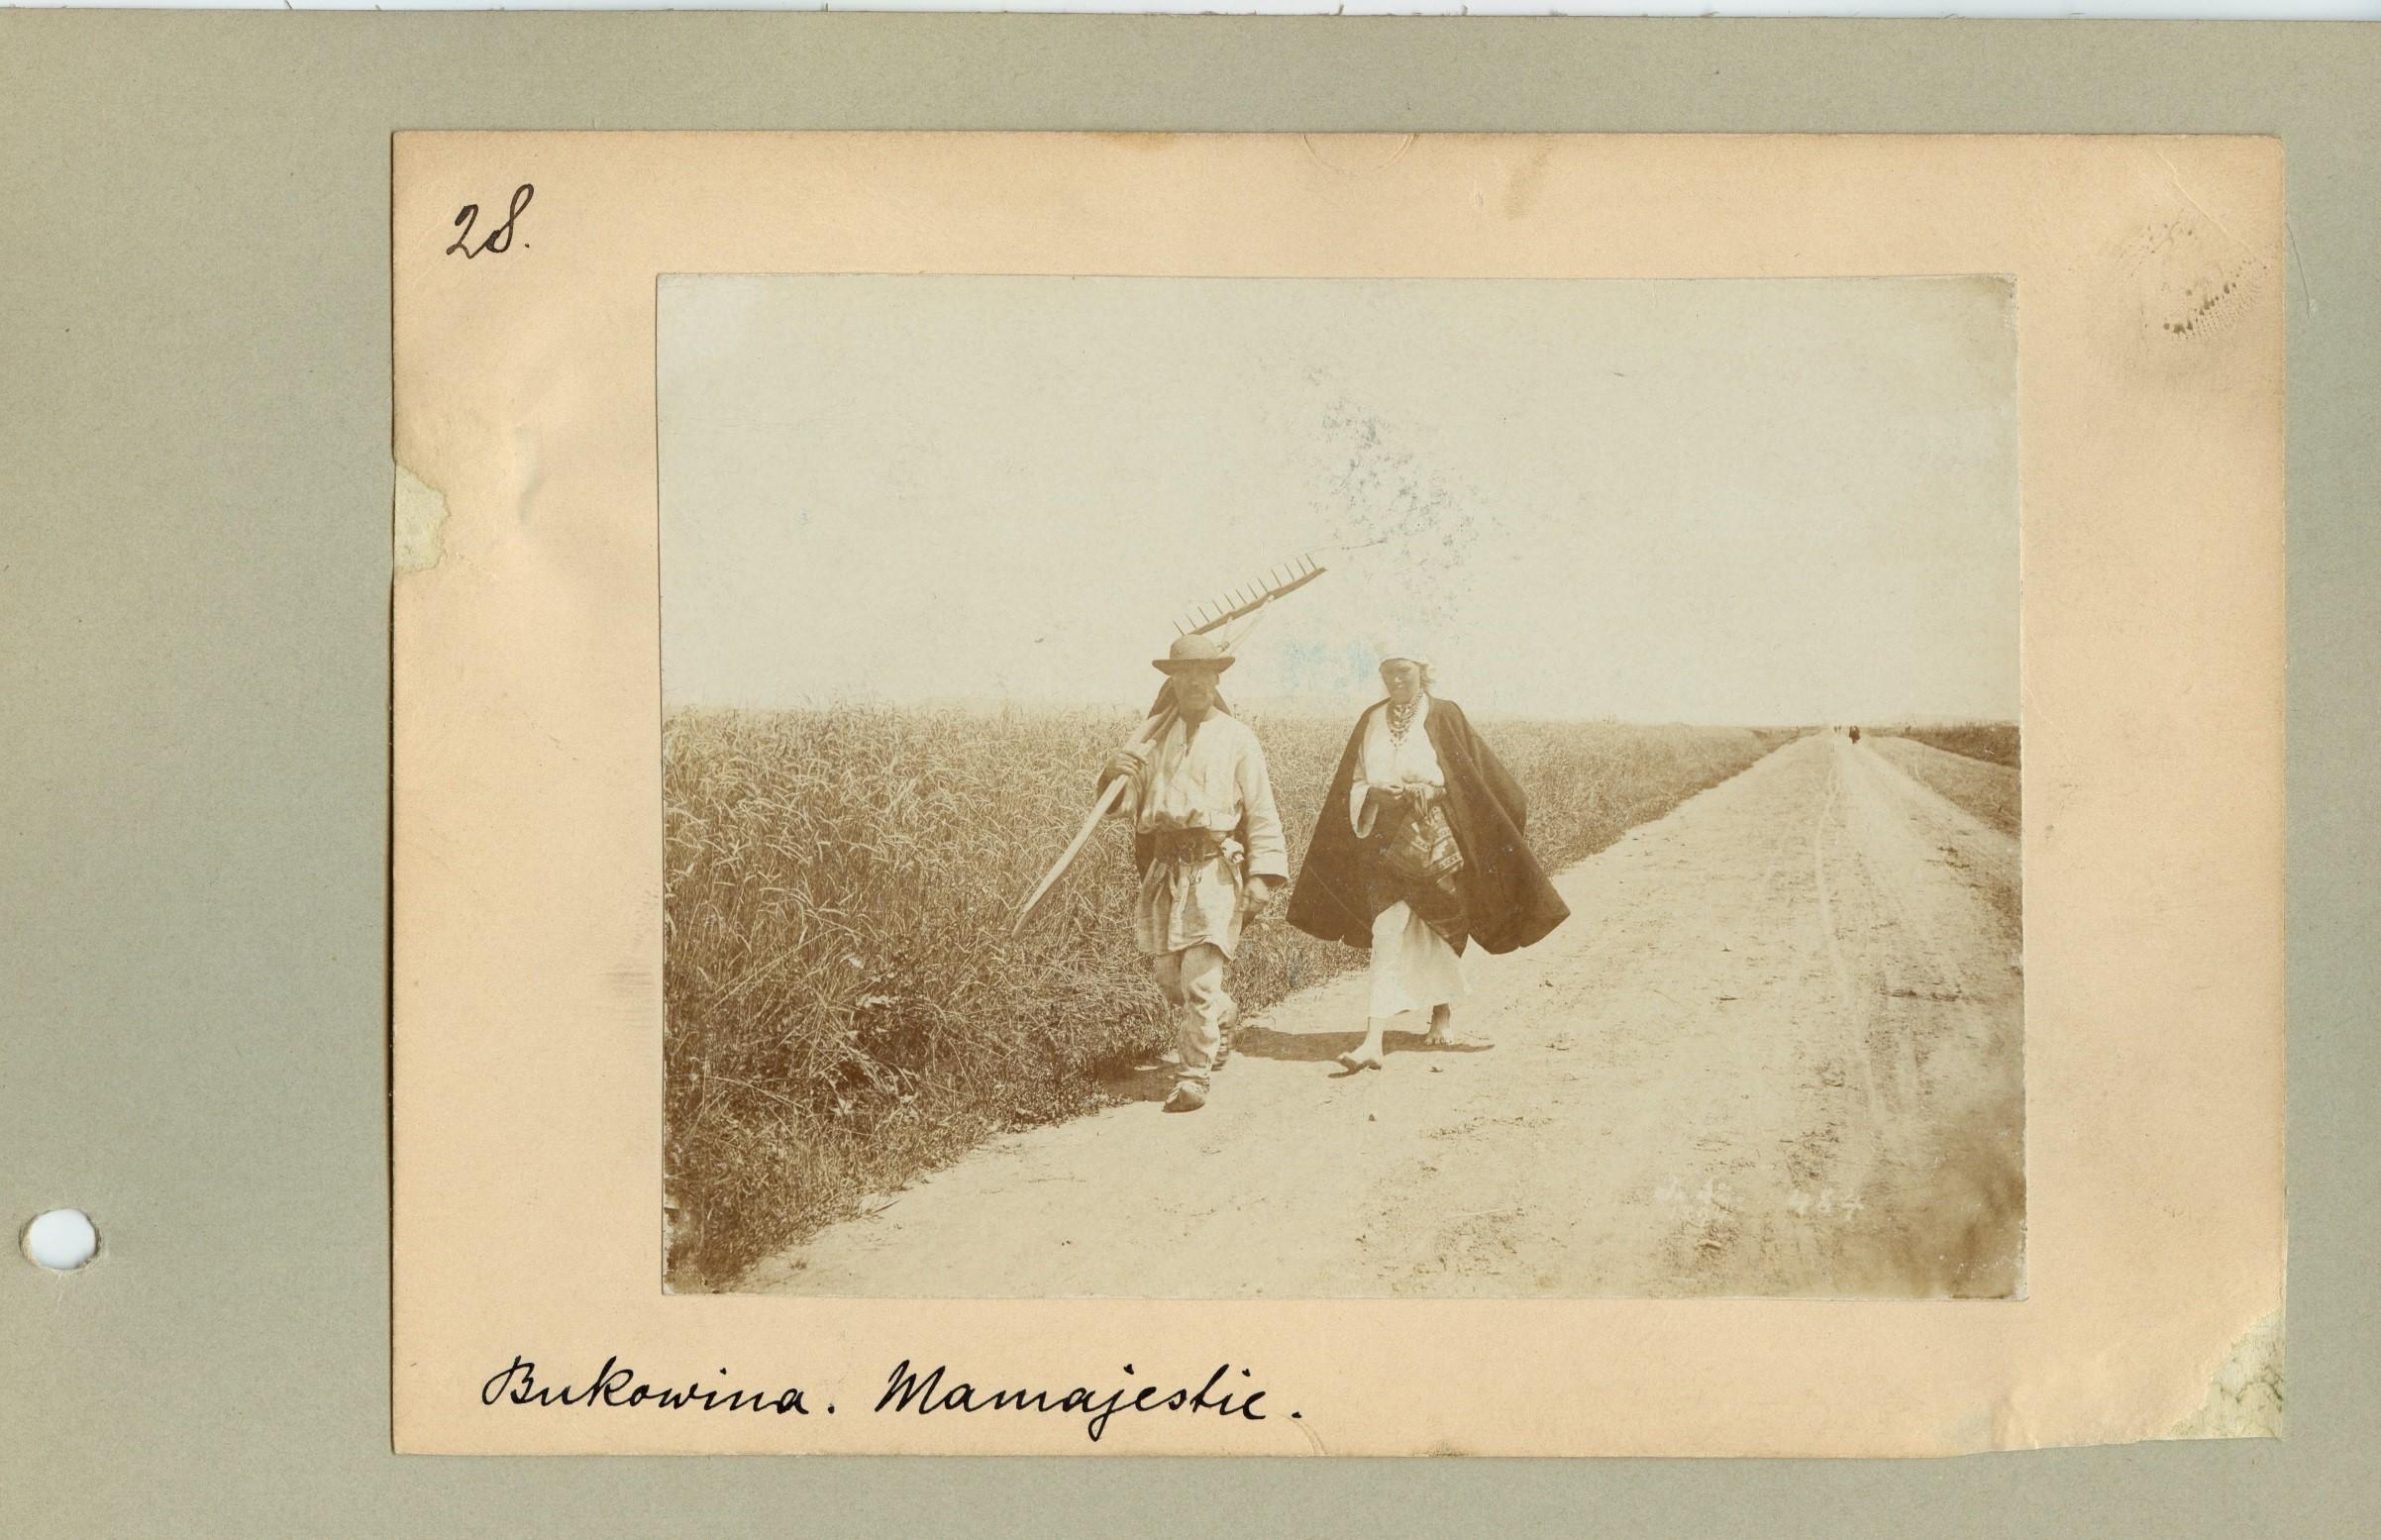 """Die Abbildung zeigt einen historischen Abzug derselben Fotografie wie der obigen. Die Farbgebung ist in diesem Fall verblasster. Das Foto ist auf Archivkarton angebracht und mit einem handschriftlichen Vermerk als """"Bukowina. Mamajestie"""" und der Nummer 28 beschriftet."""